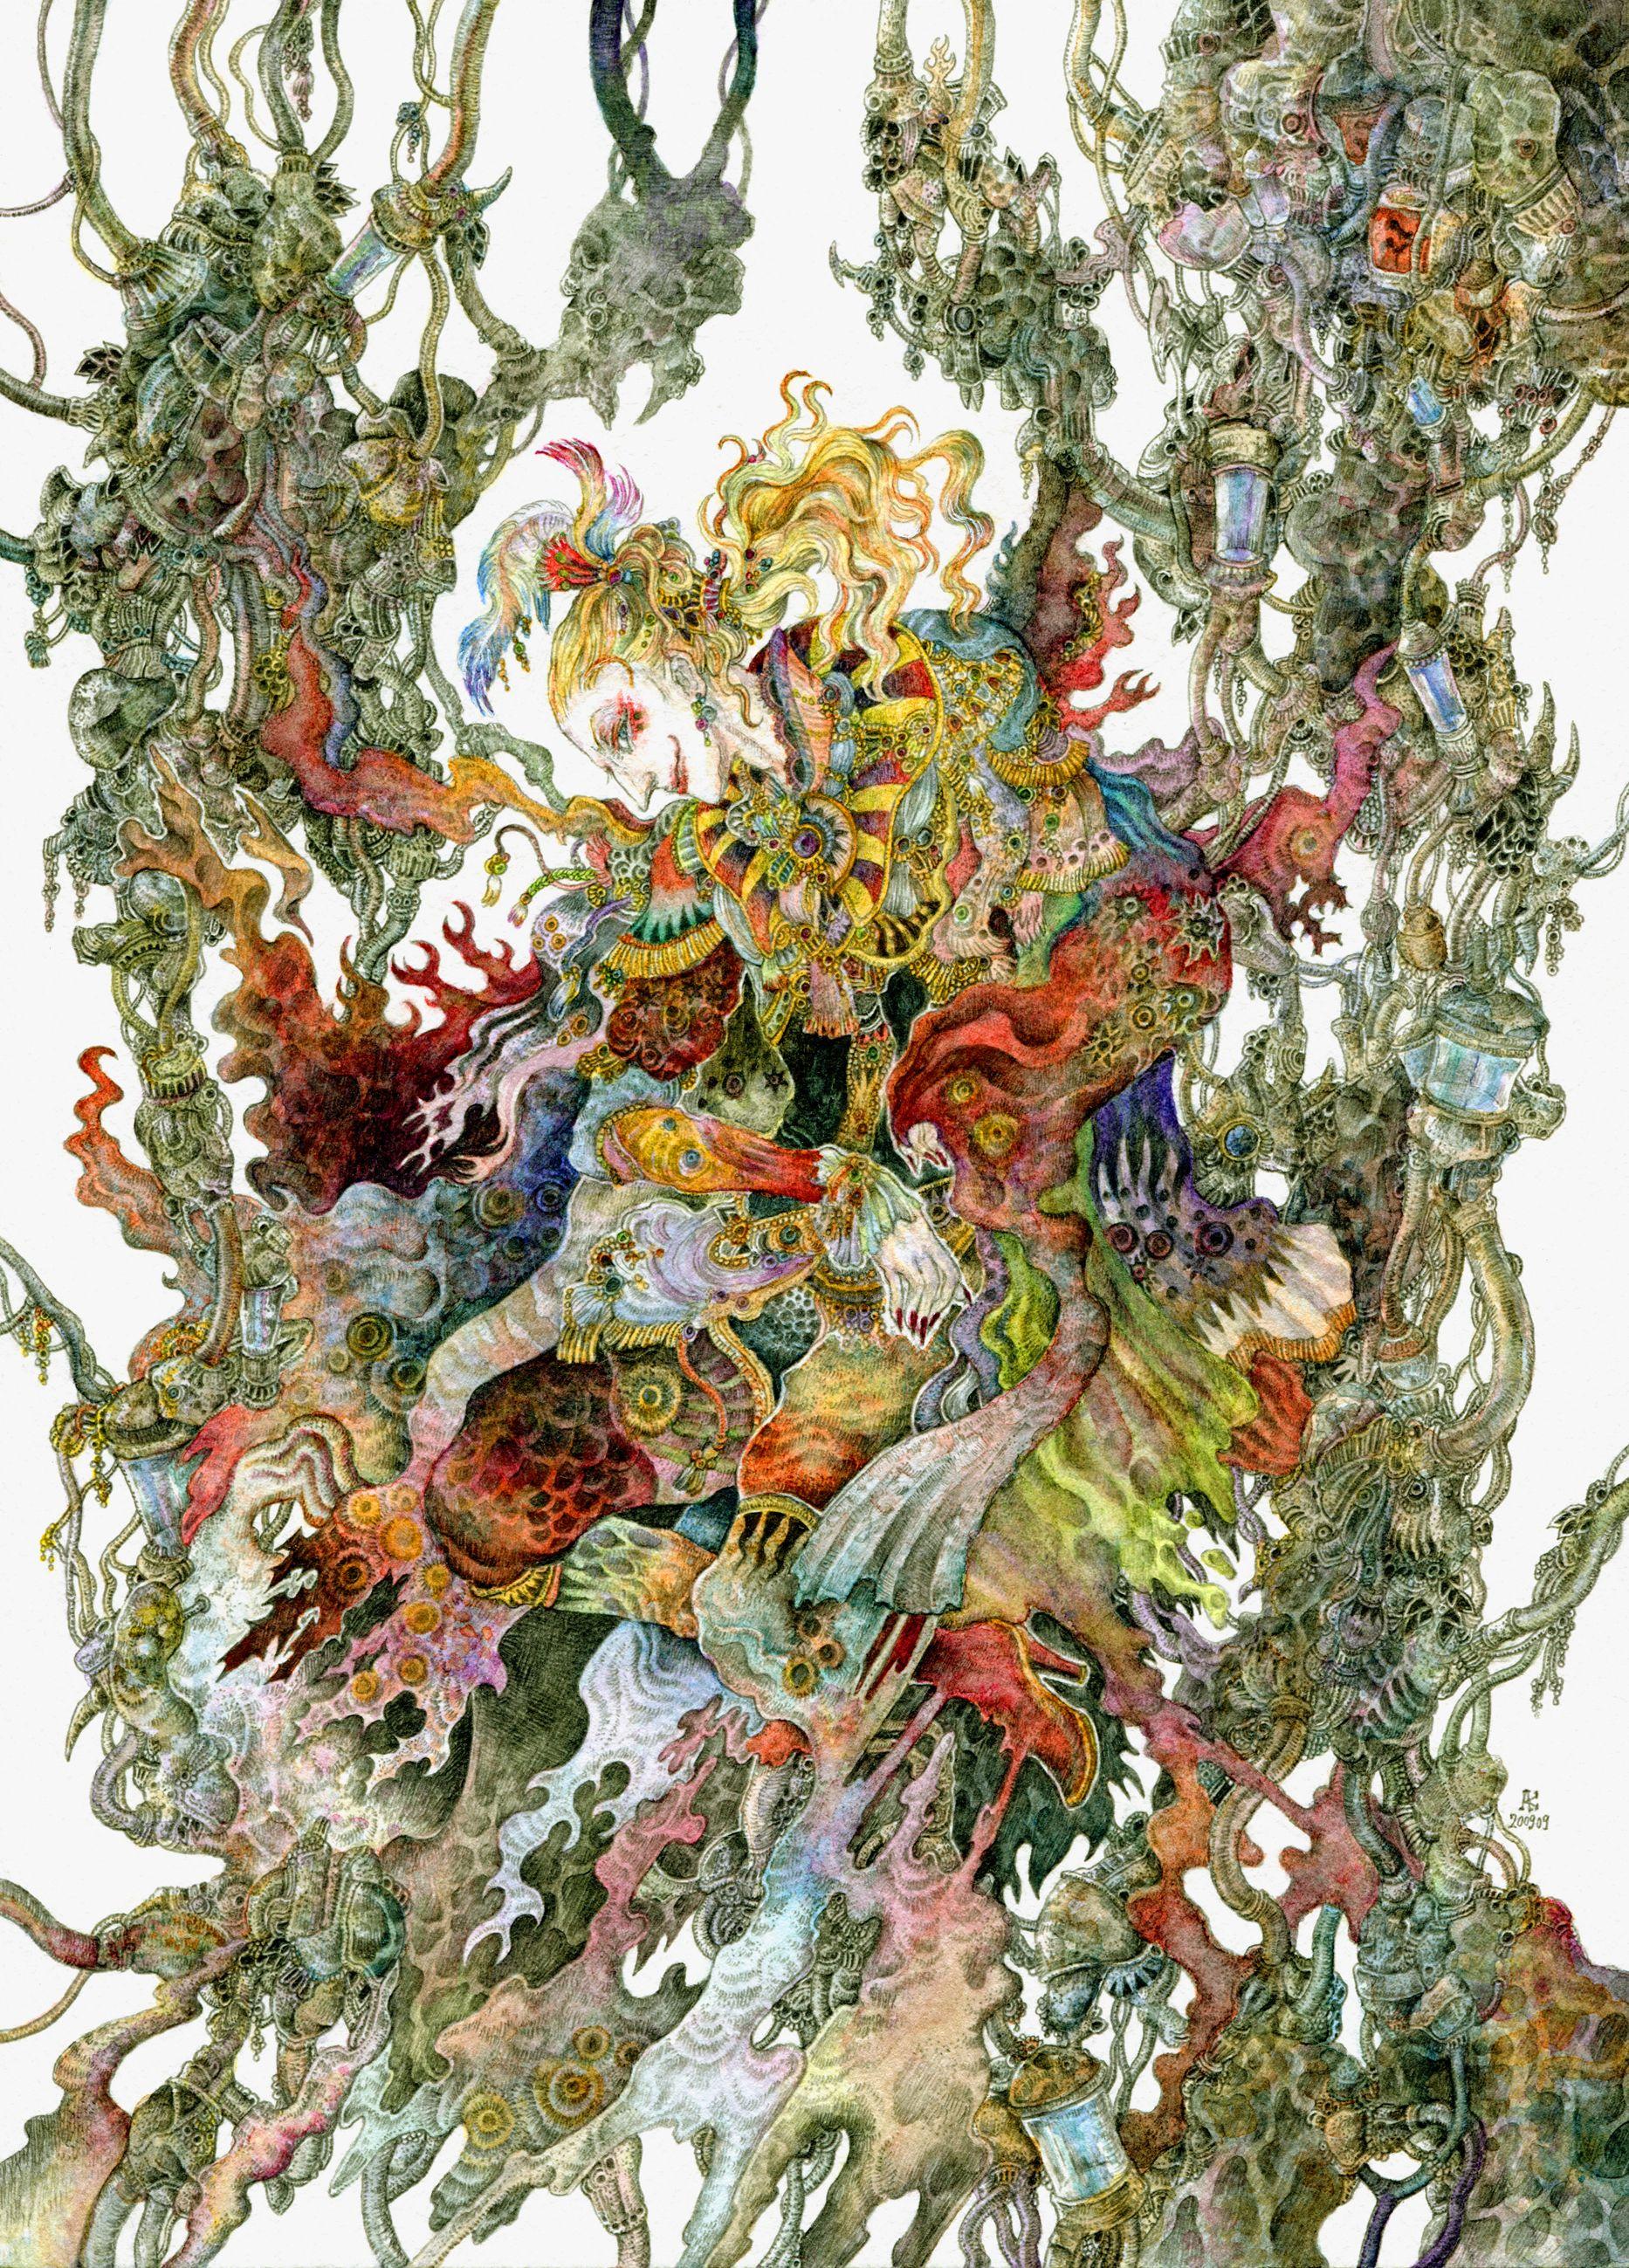 Final Fantasy Vi Full 1362431 Jpg 2088 1200 Final Fantasy Vi Final Fantasy Collection Final Fantasy Art